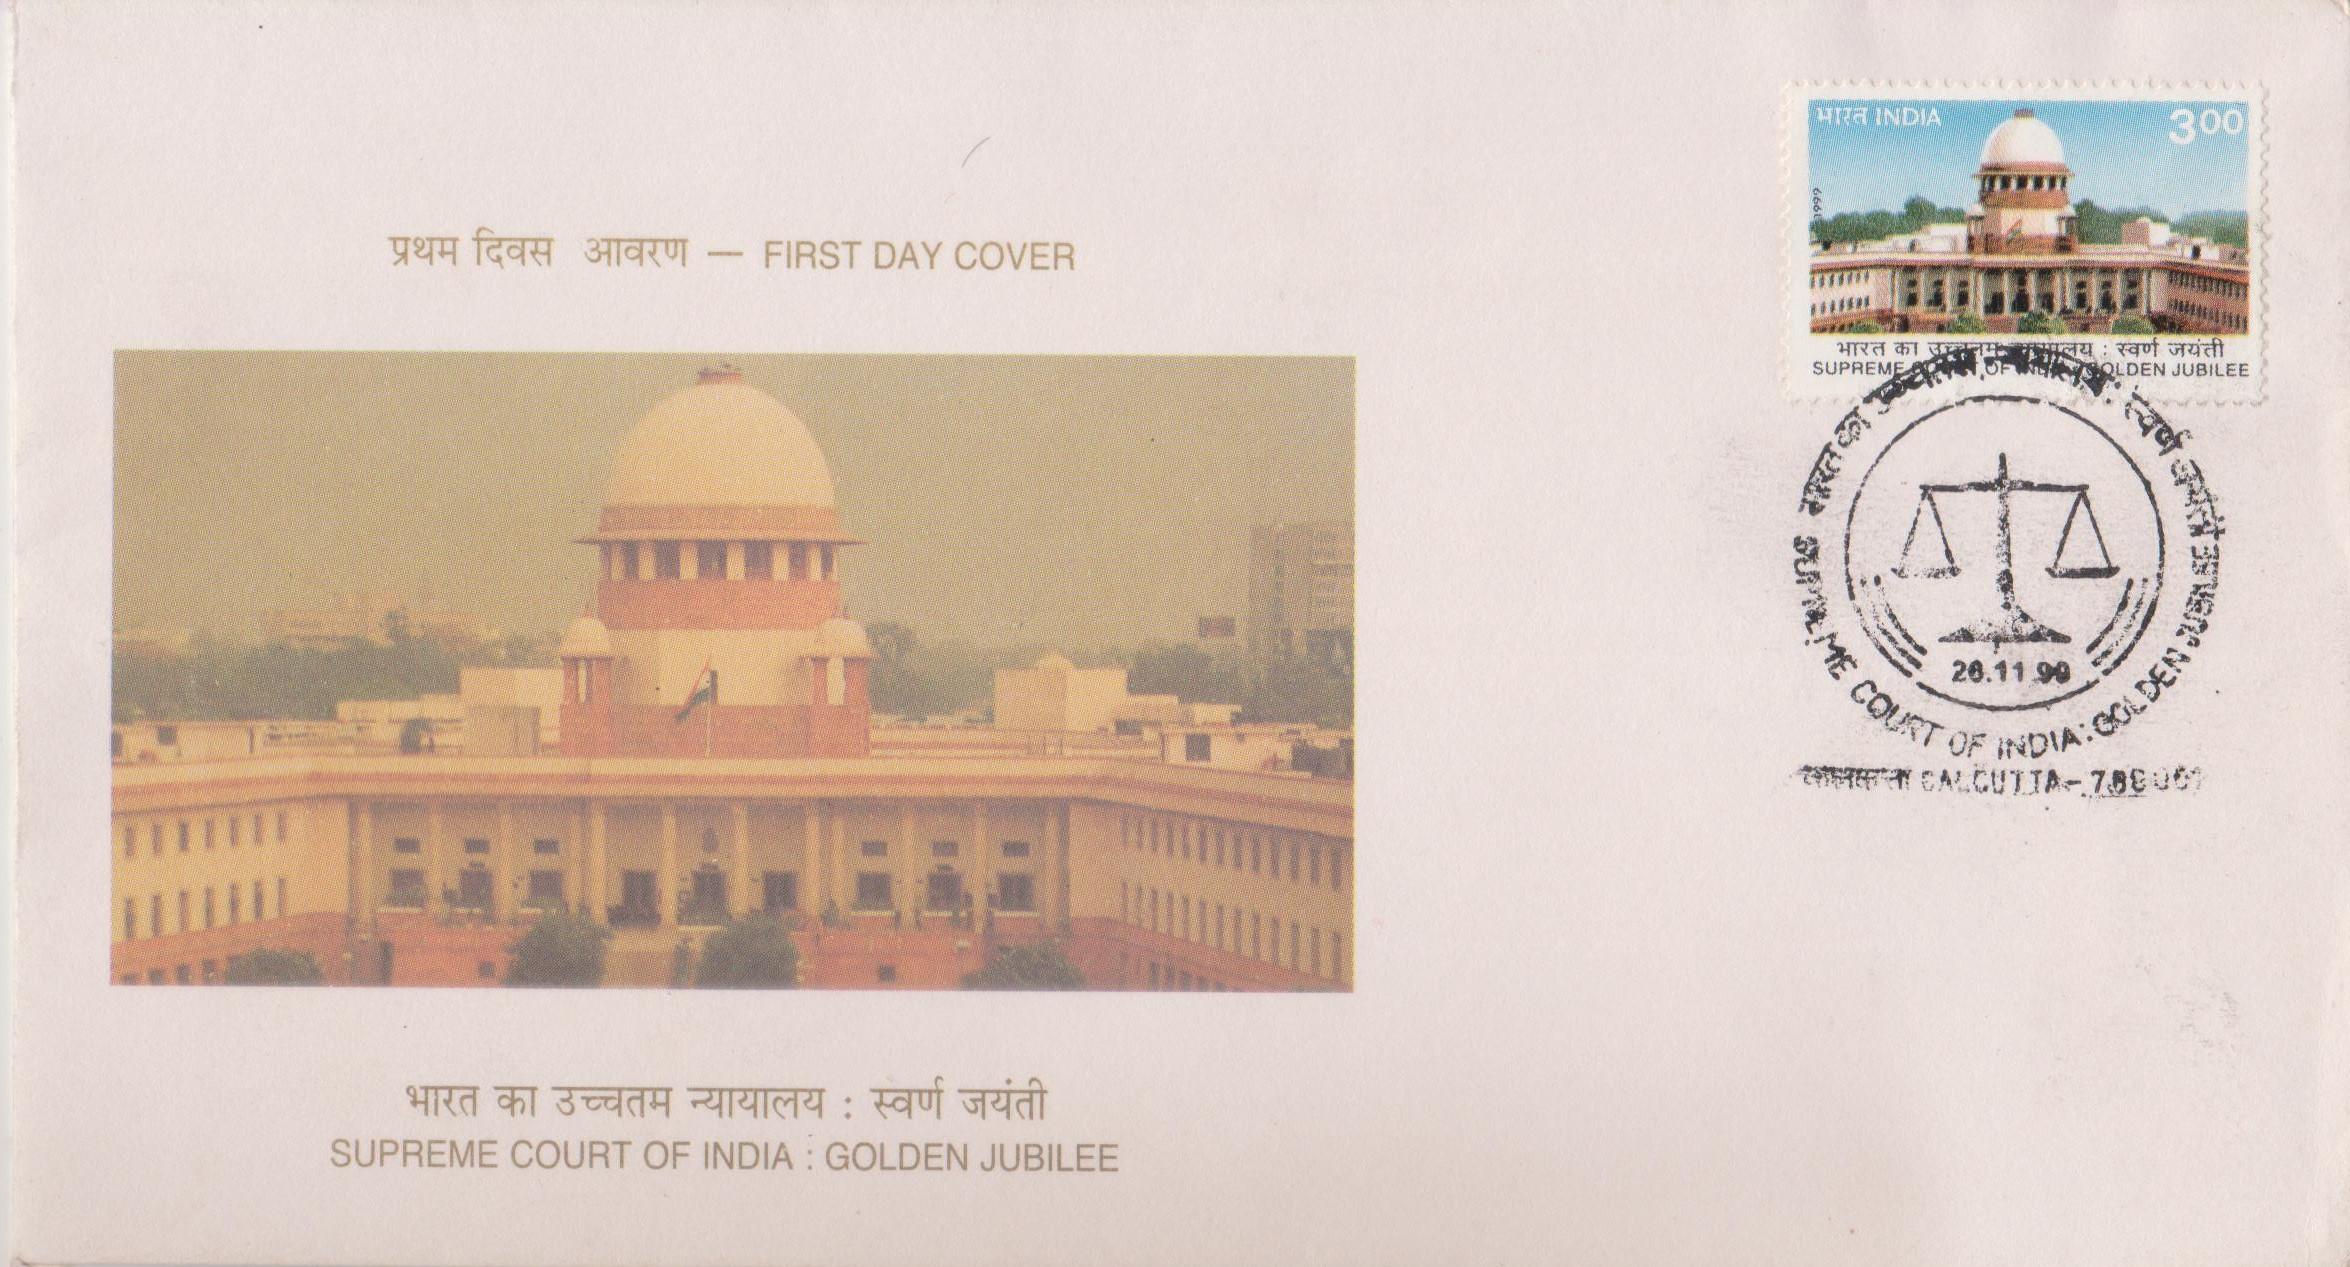 Chief Justice : Constitution of India